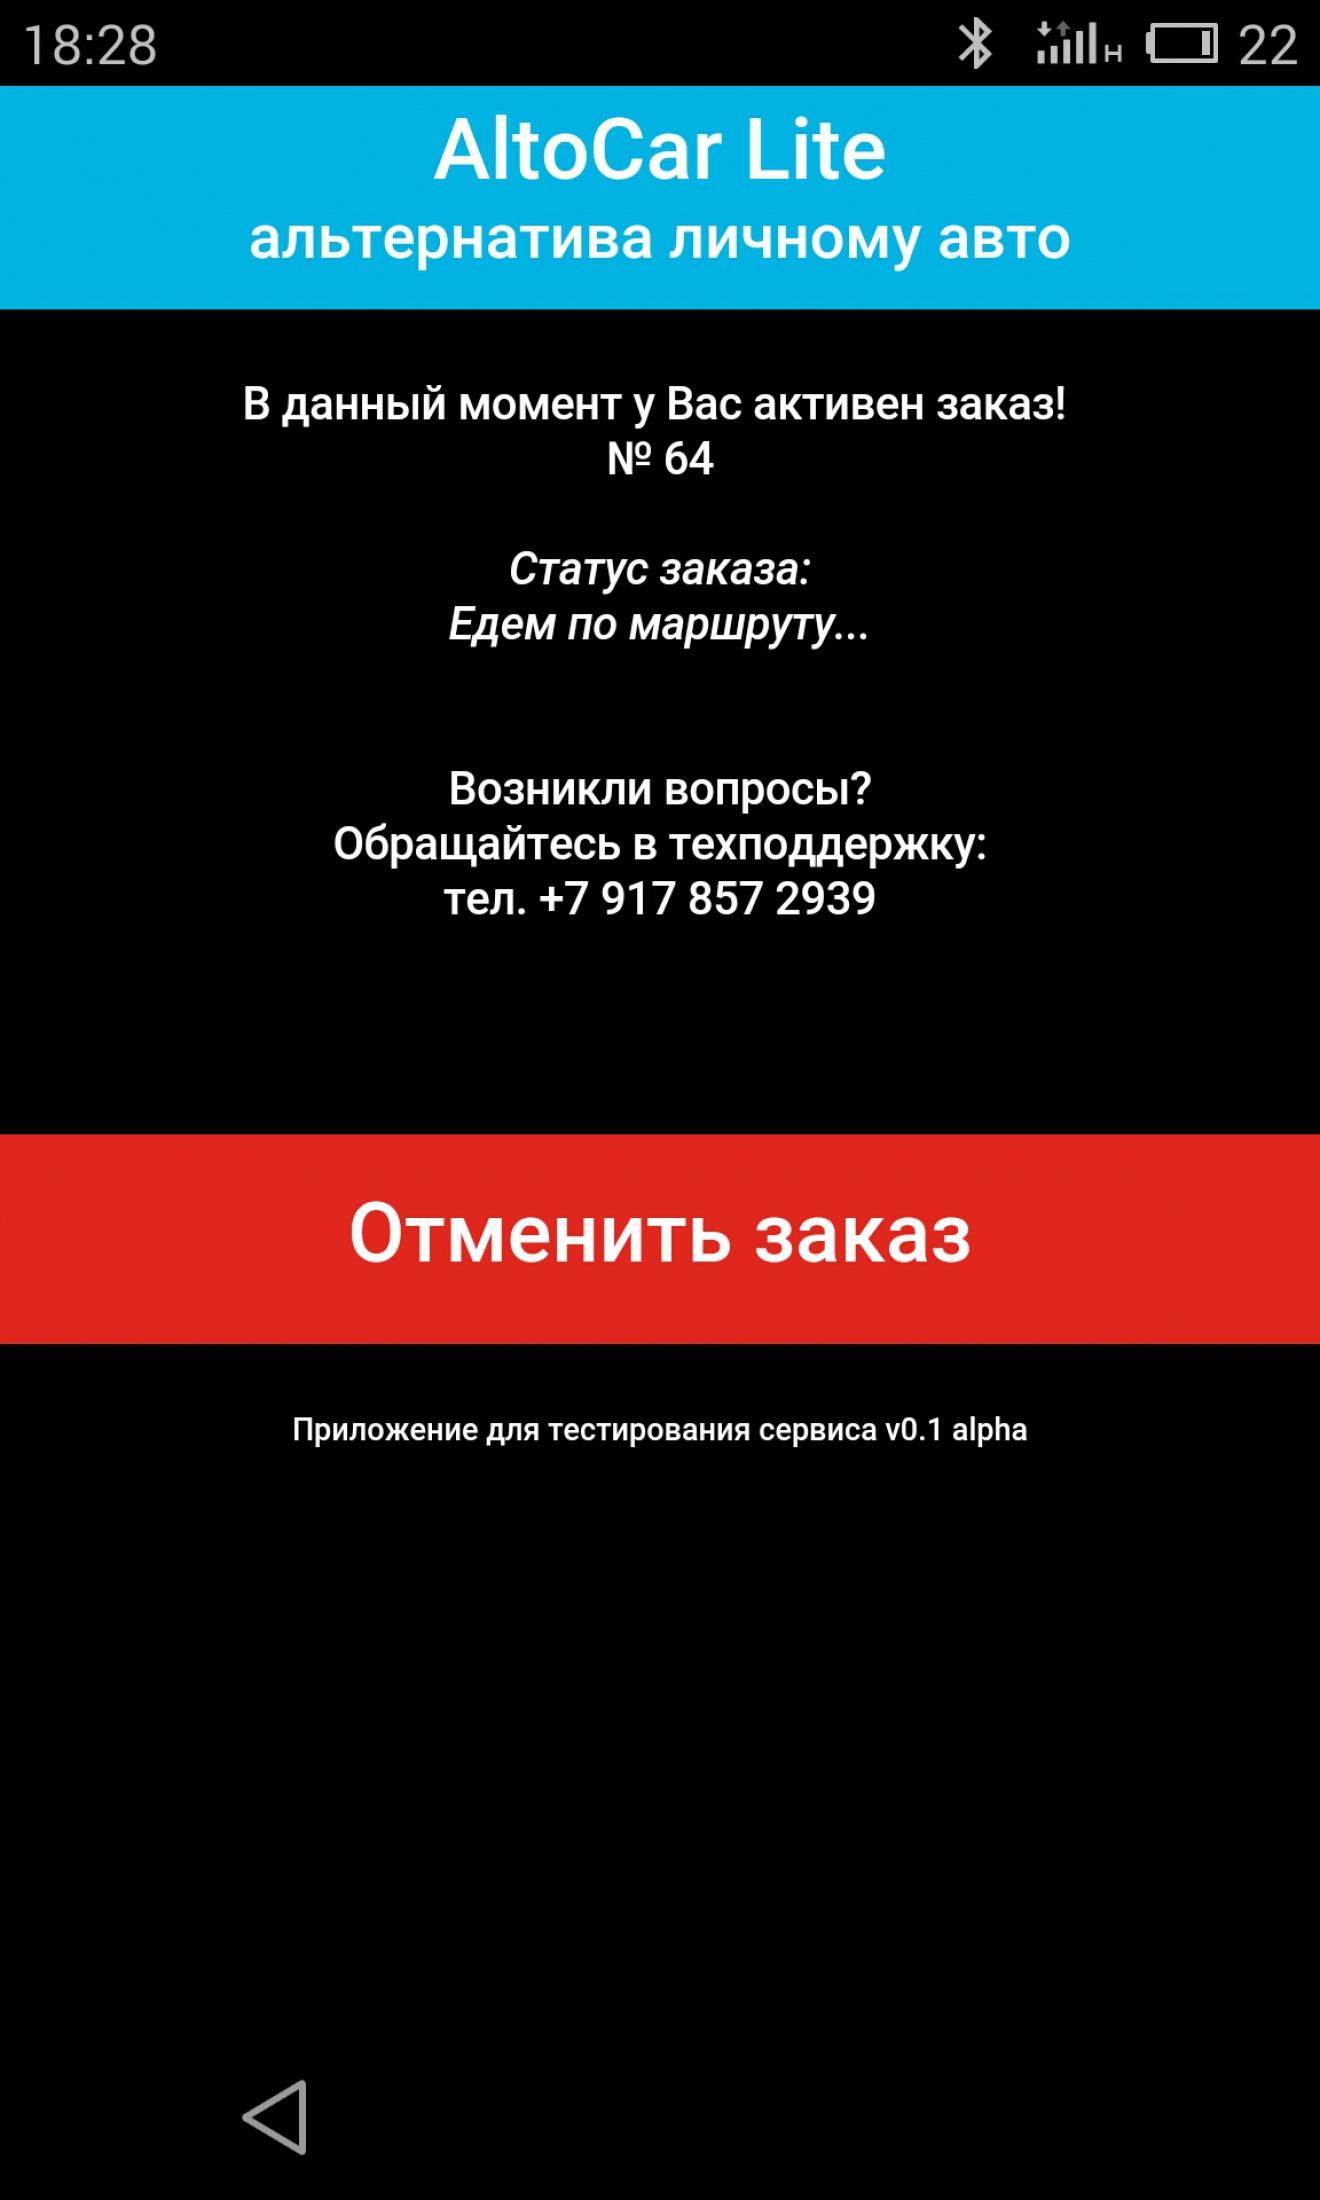 Экран состояния заказа (180.15КБ)